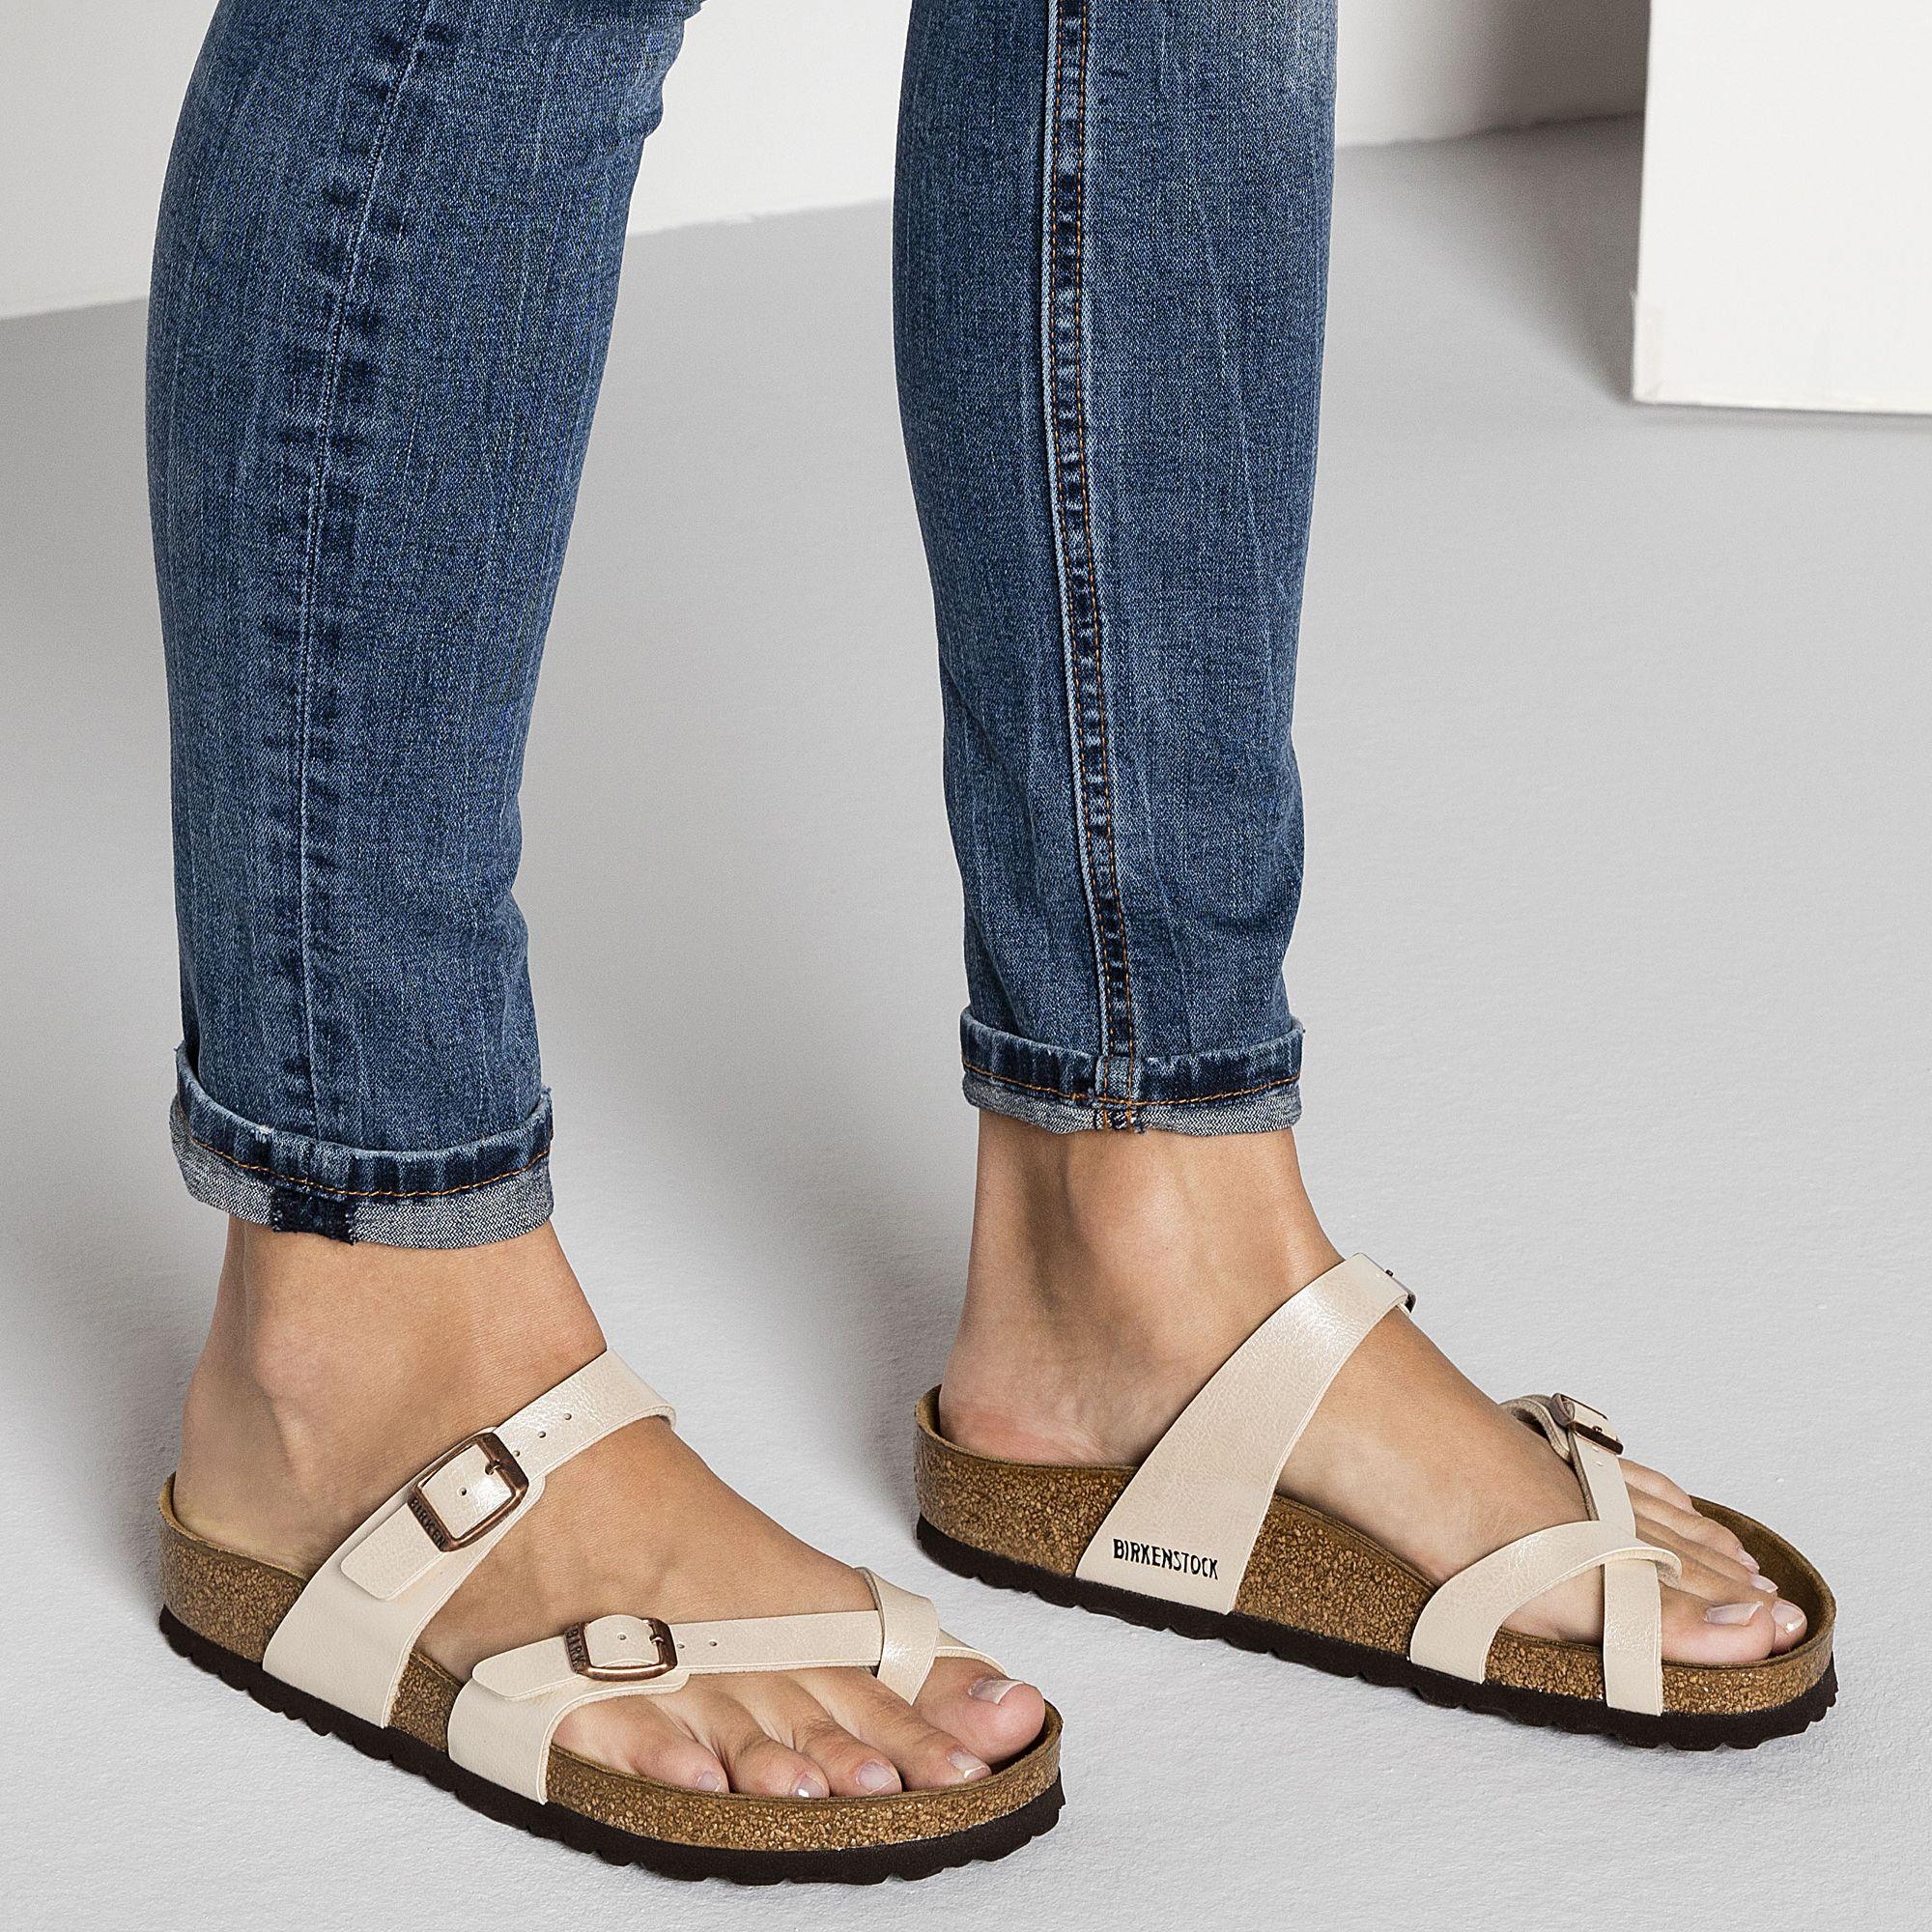 Mayari Birko Flor Birkenstock Sandals Outfit Women Shoes Birkenstock Sandals